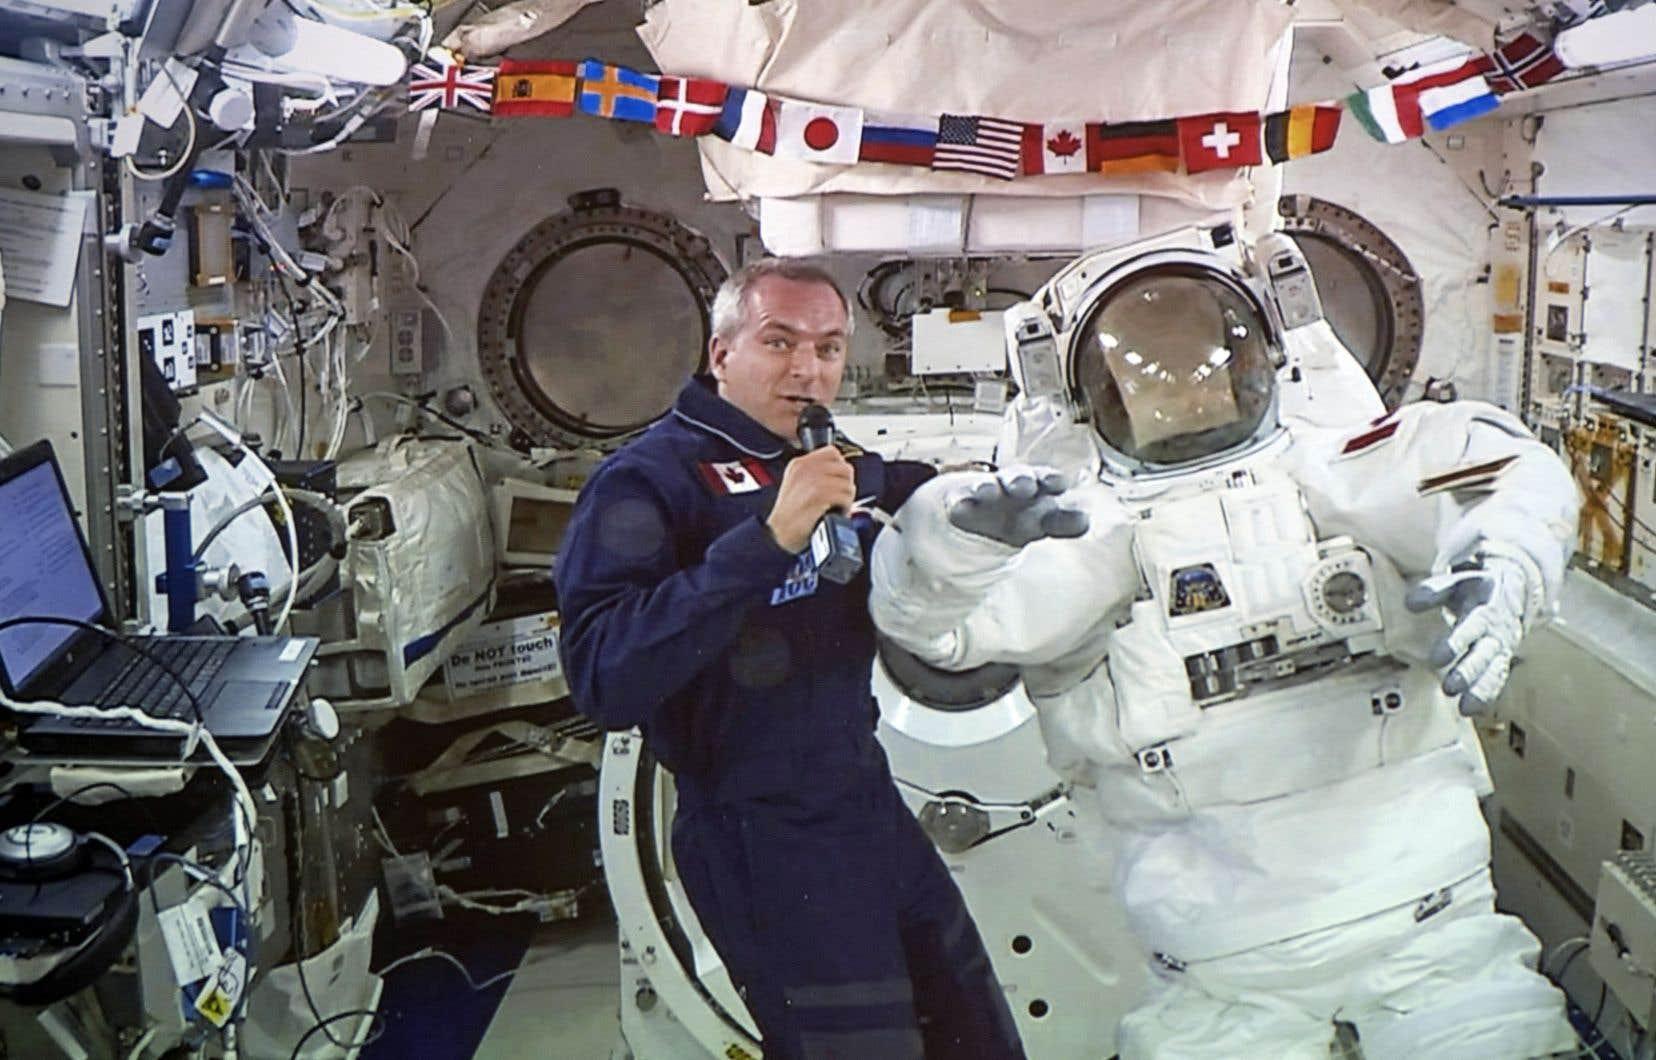 David Saint-Jacques a parlé mercredi aux journalistes par l'entremise d'une liaison vidéo en direct de la station spatiale.